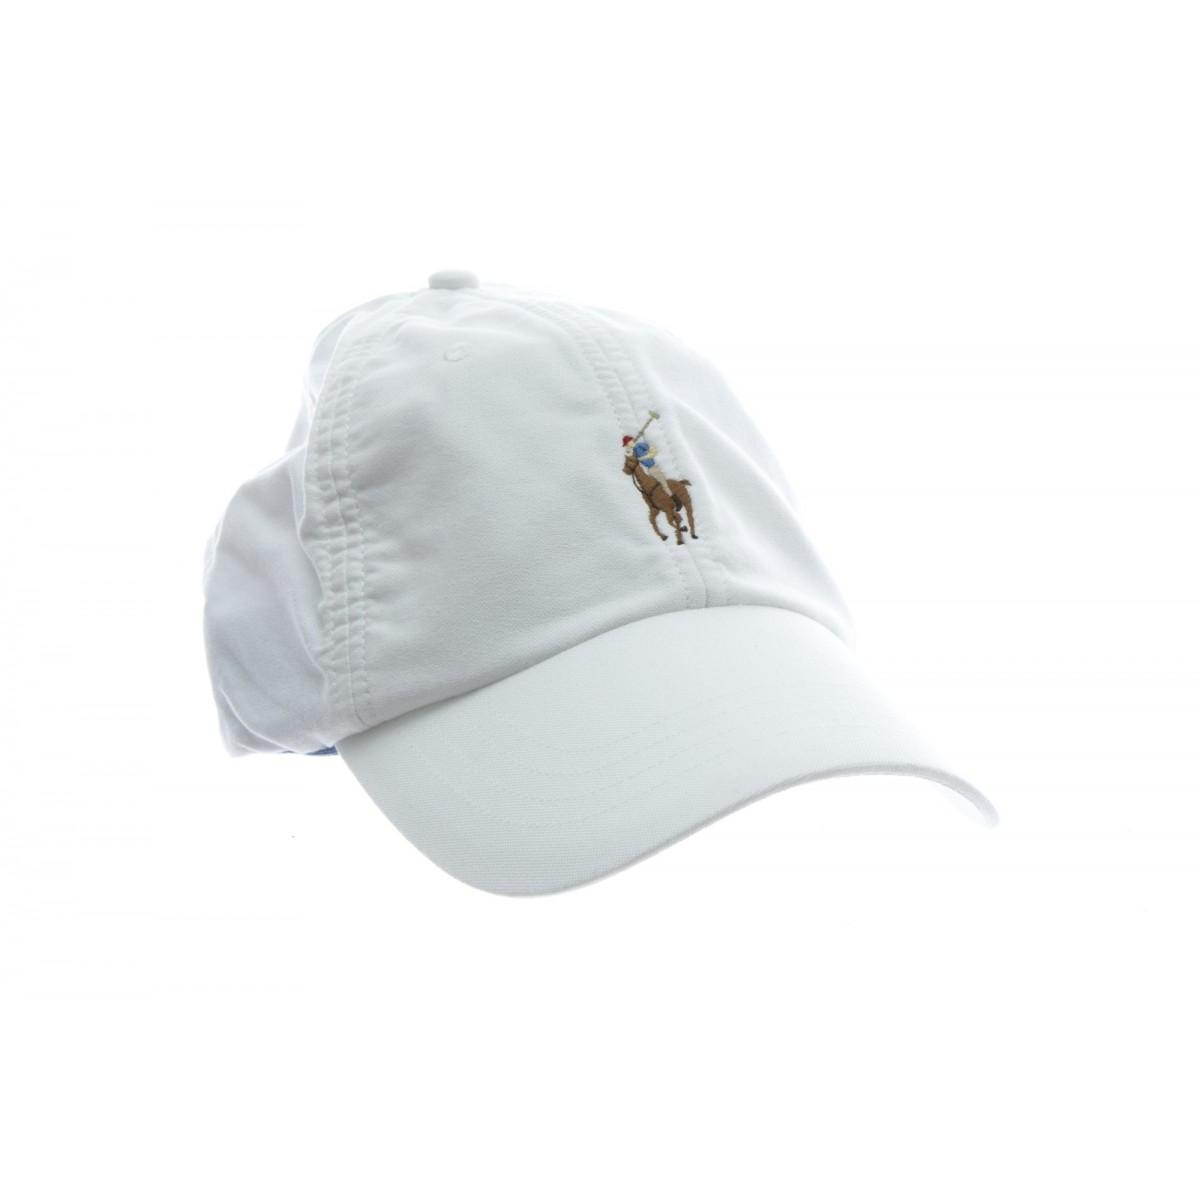 Berretto - 710692852 cappellino oxforf